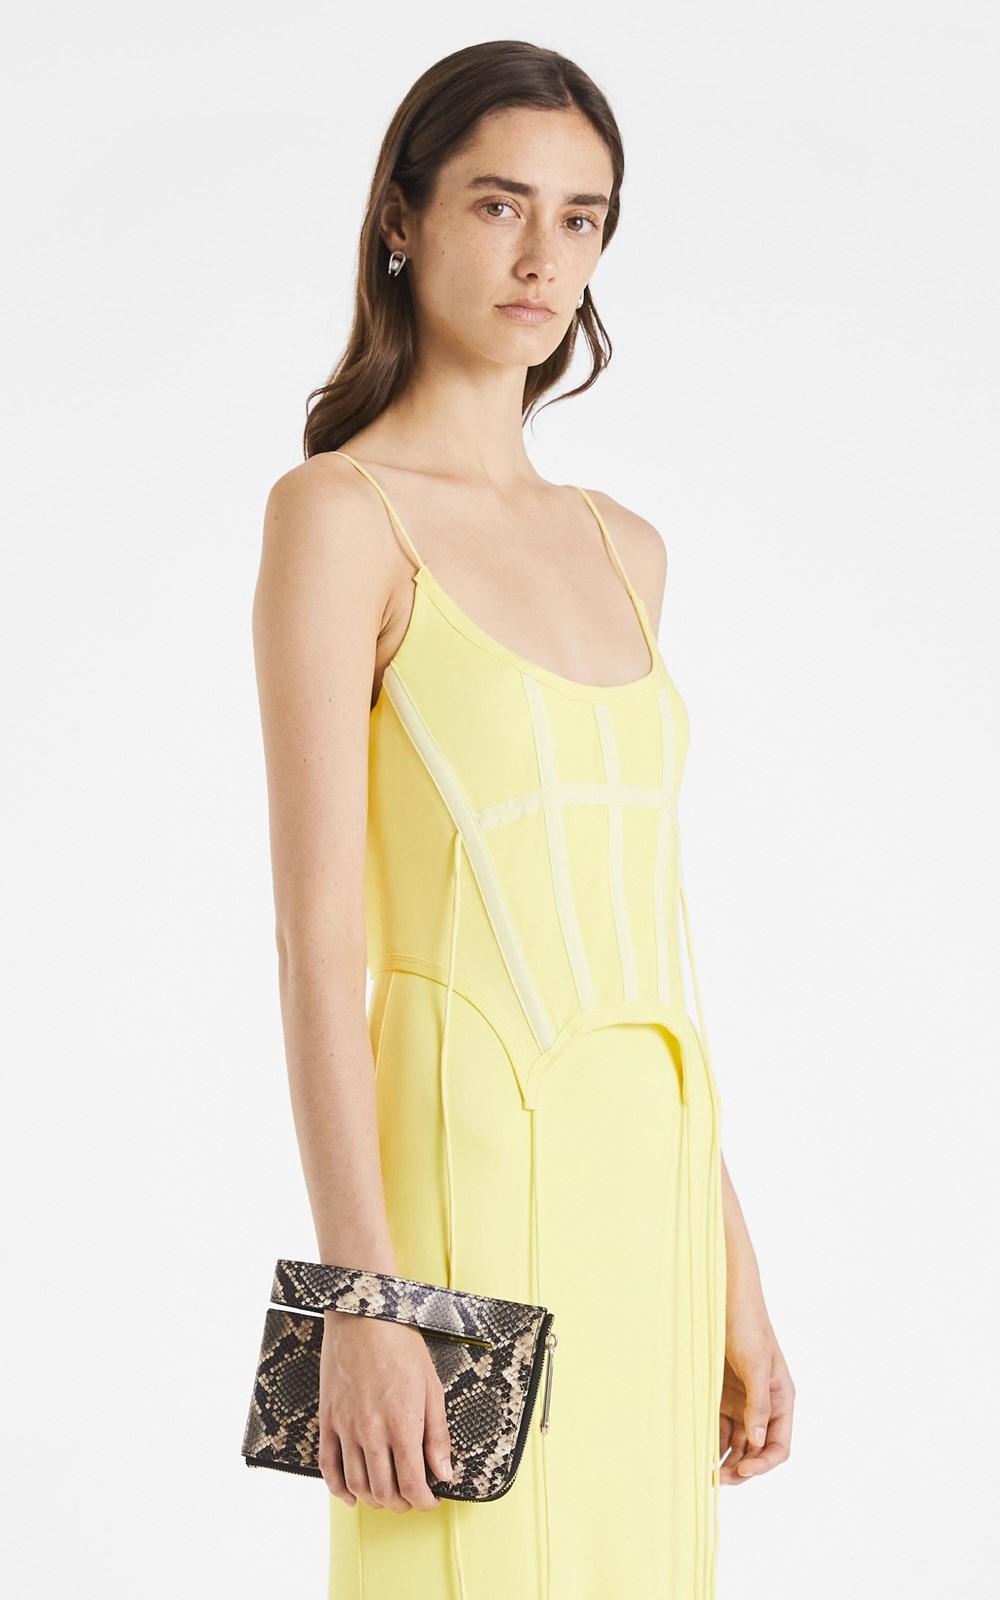 Dresses | SILK JERSEY CORSET DRESS